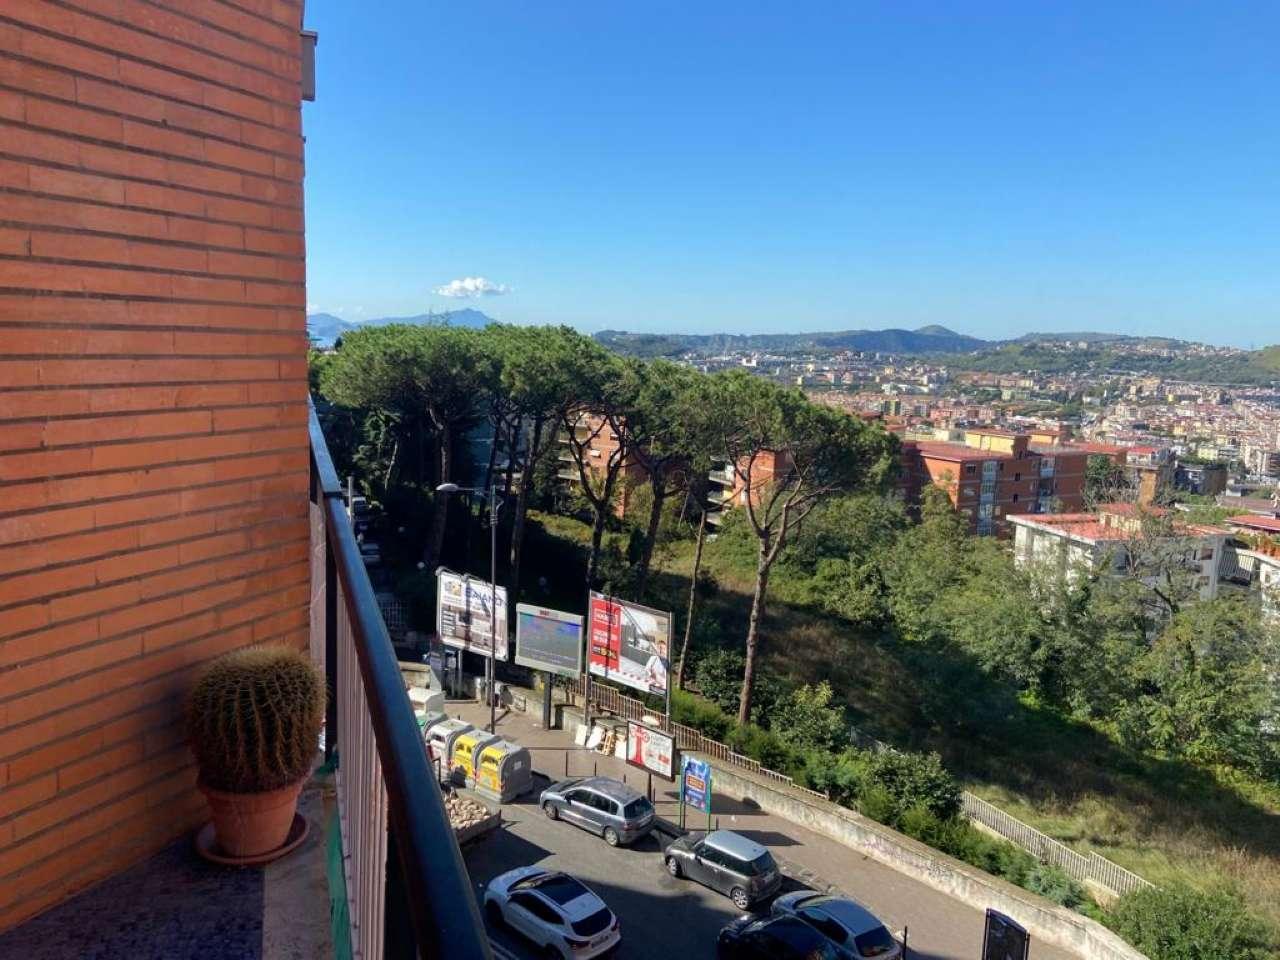 Appartamento, Via Francesco Cilea, Zona Vomero, Napoli, foto 16